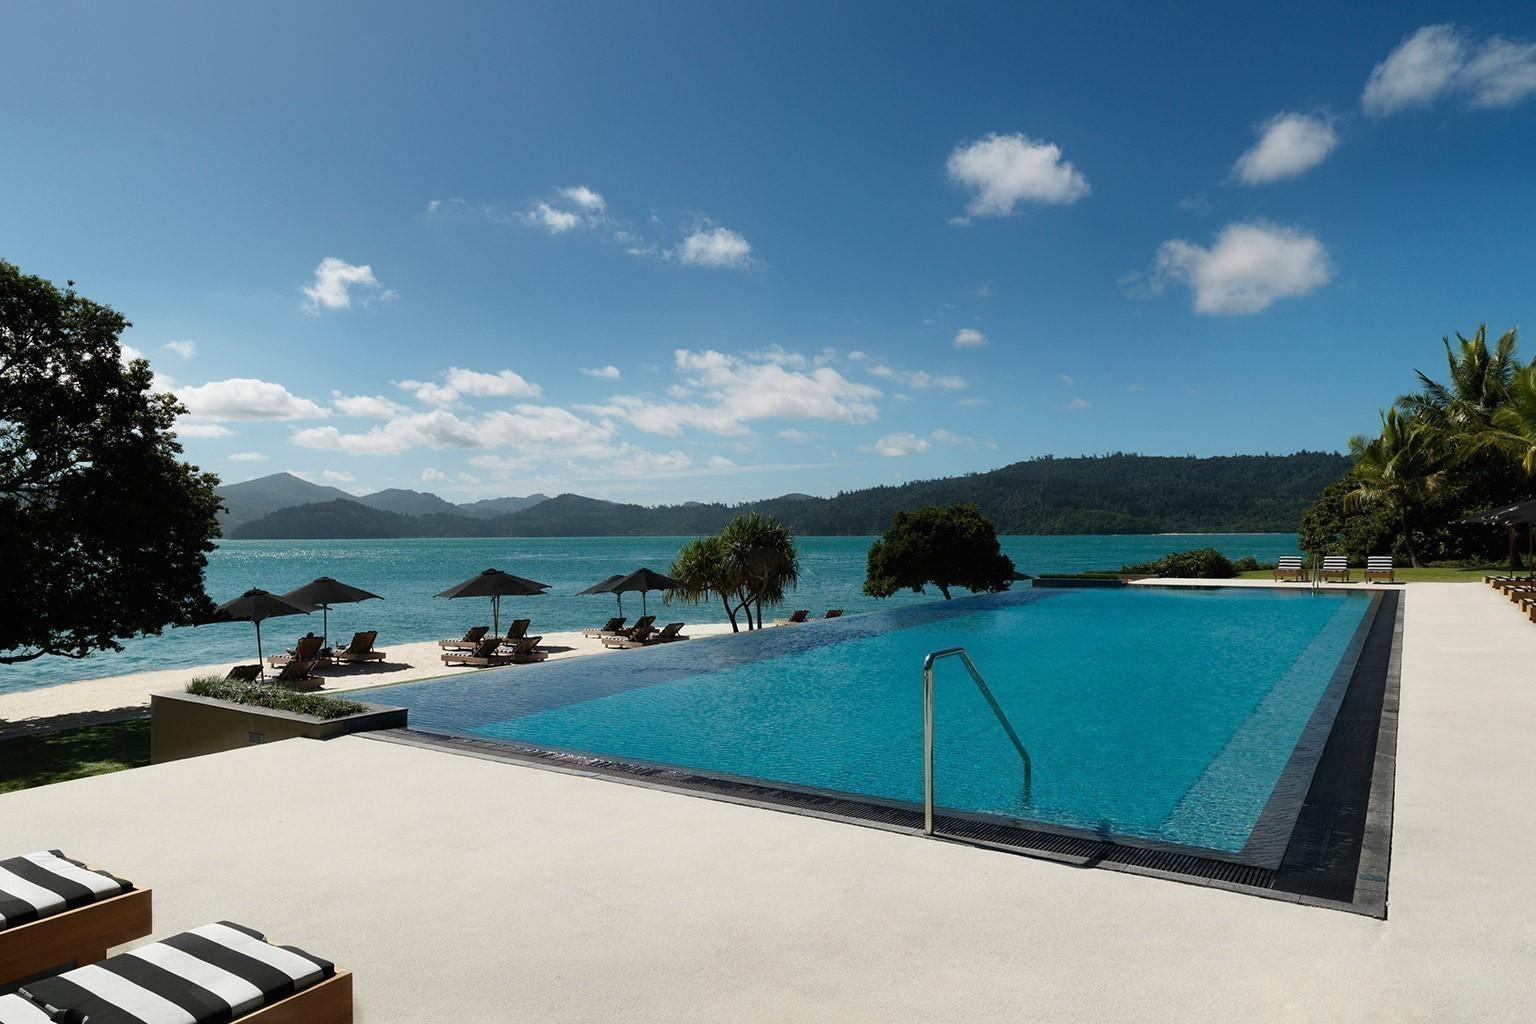 Qualia auf hamilton island luxushotels bei designreisen for Pool design hamilton